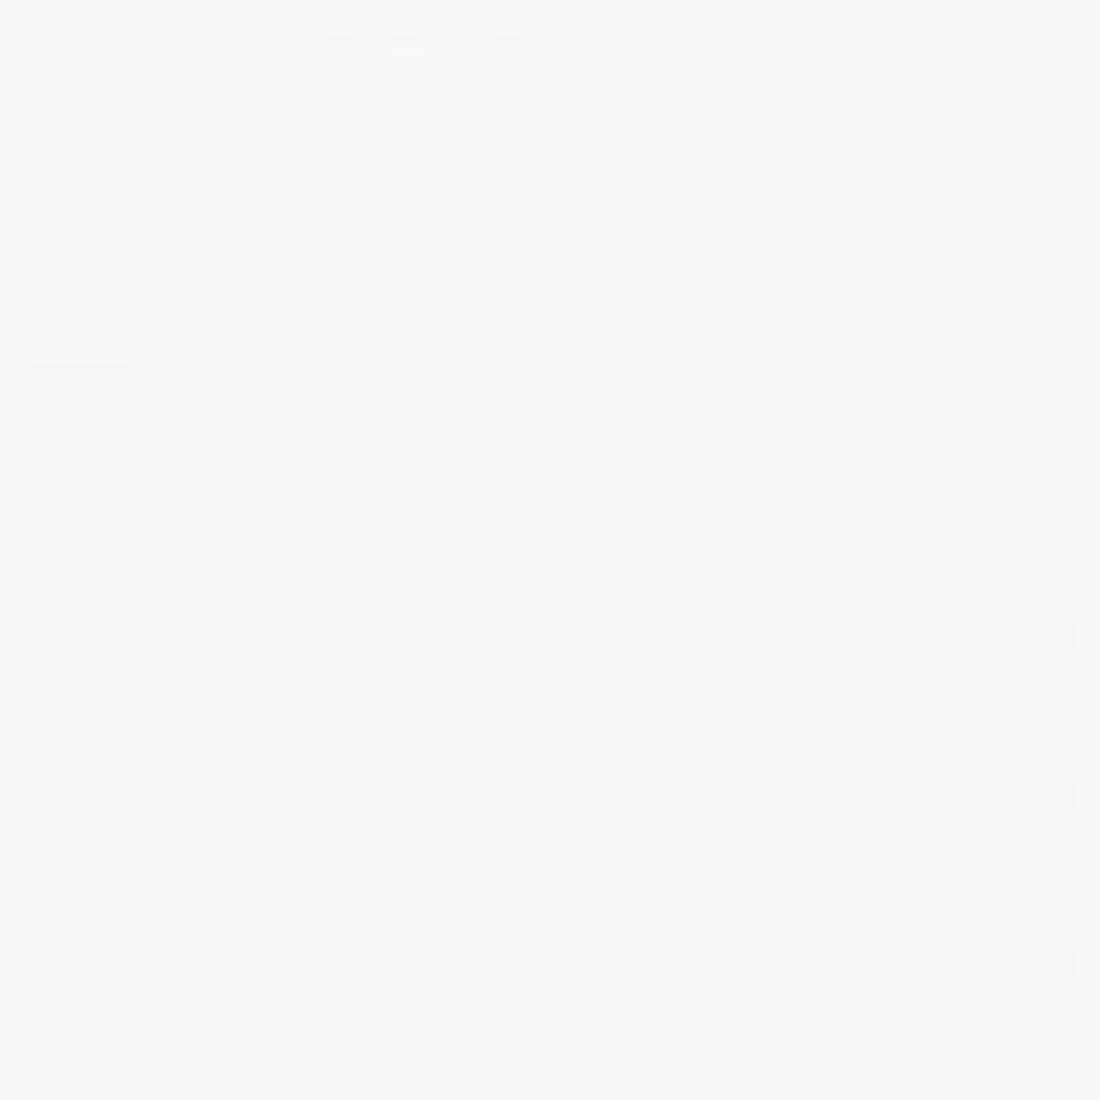 Porcelanato Embramaco 62 x 62 Pure Bright Esmaltado Brilhante Ref: 62001